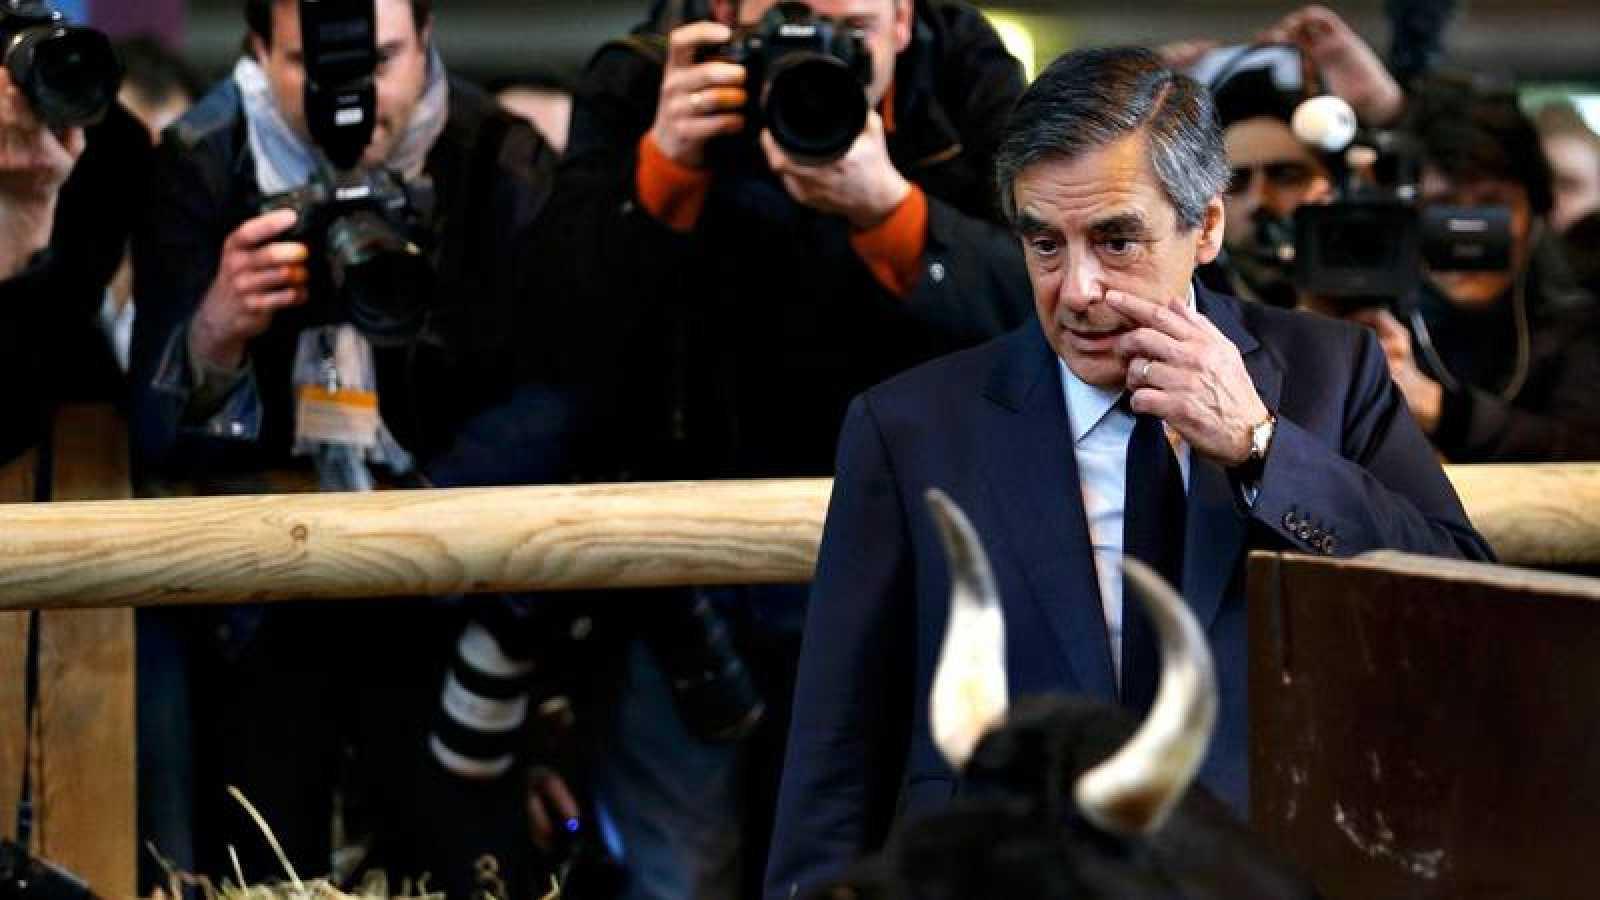 El candidato de Los Republicanos a la presidencia de Francia, François Fillon, visita una feria agrícola en París